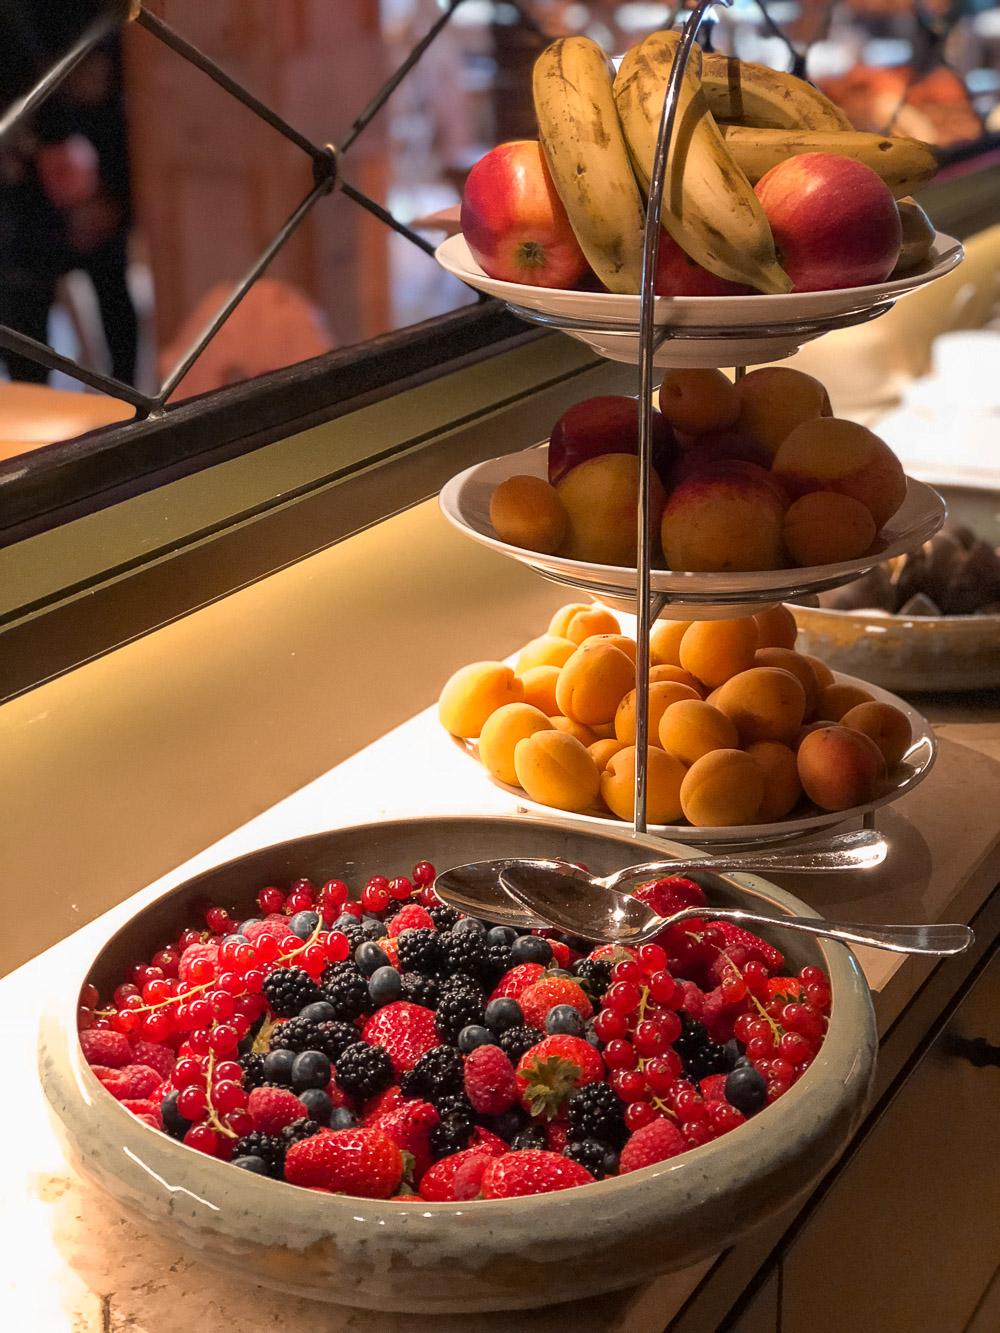 Frühstücksbuffet-frisches Obst